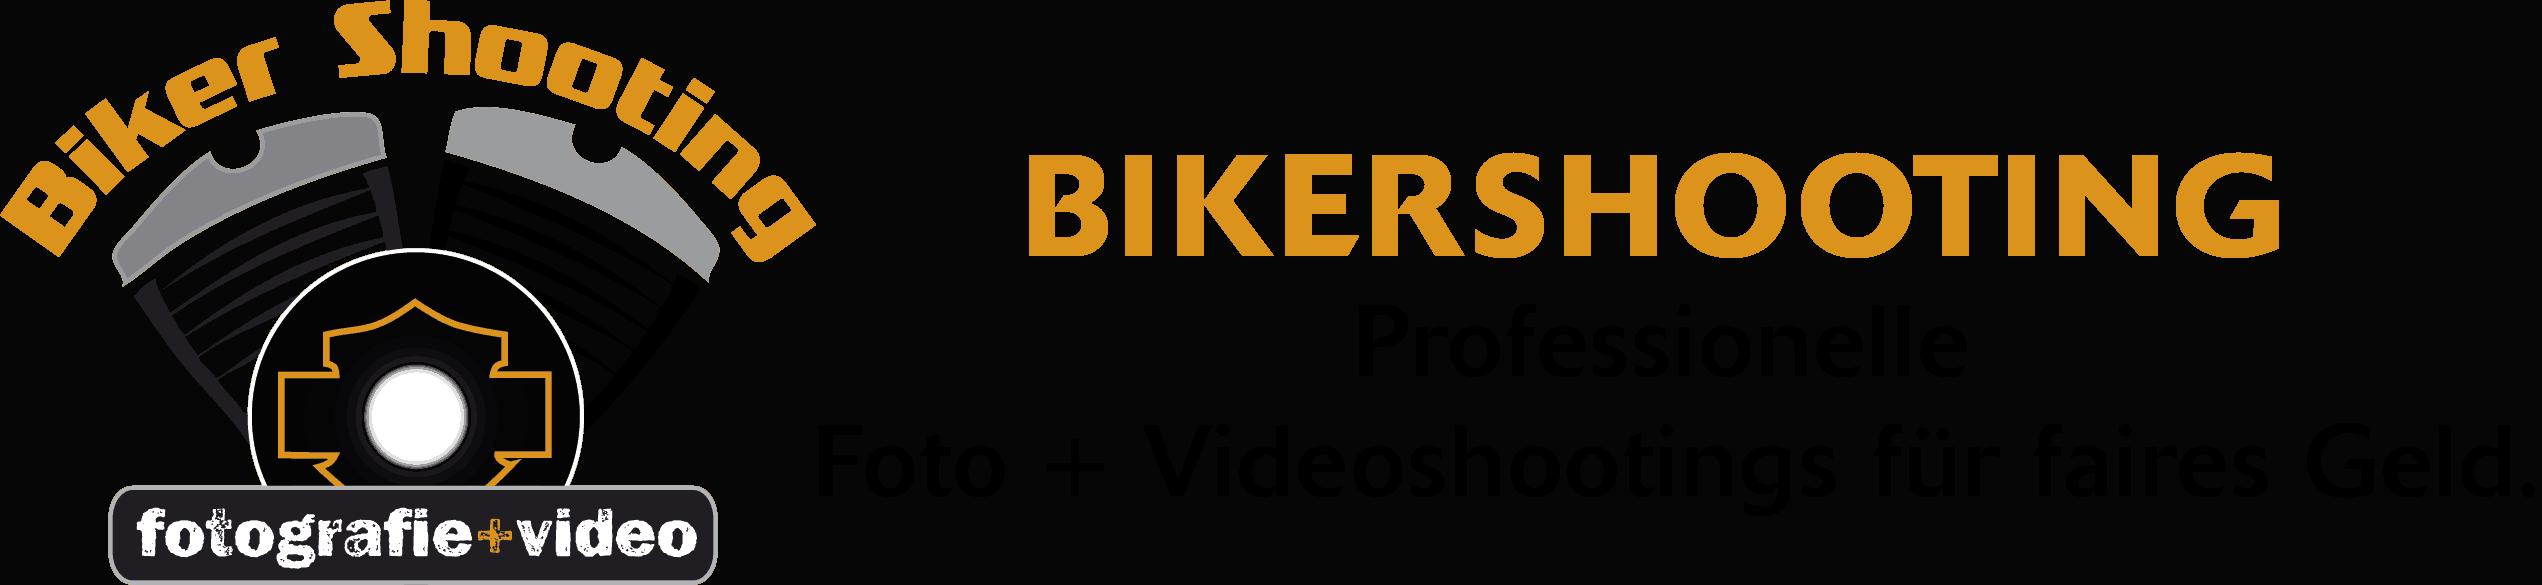 bikershooting